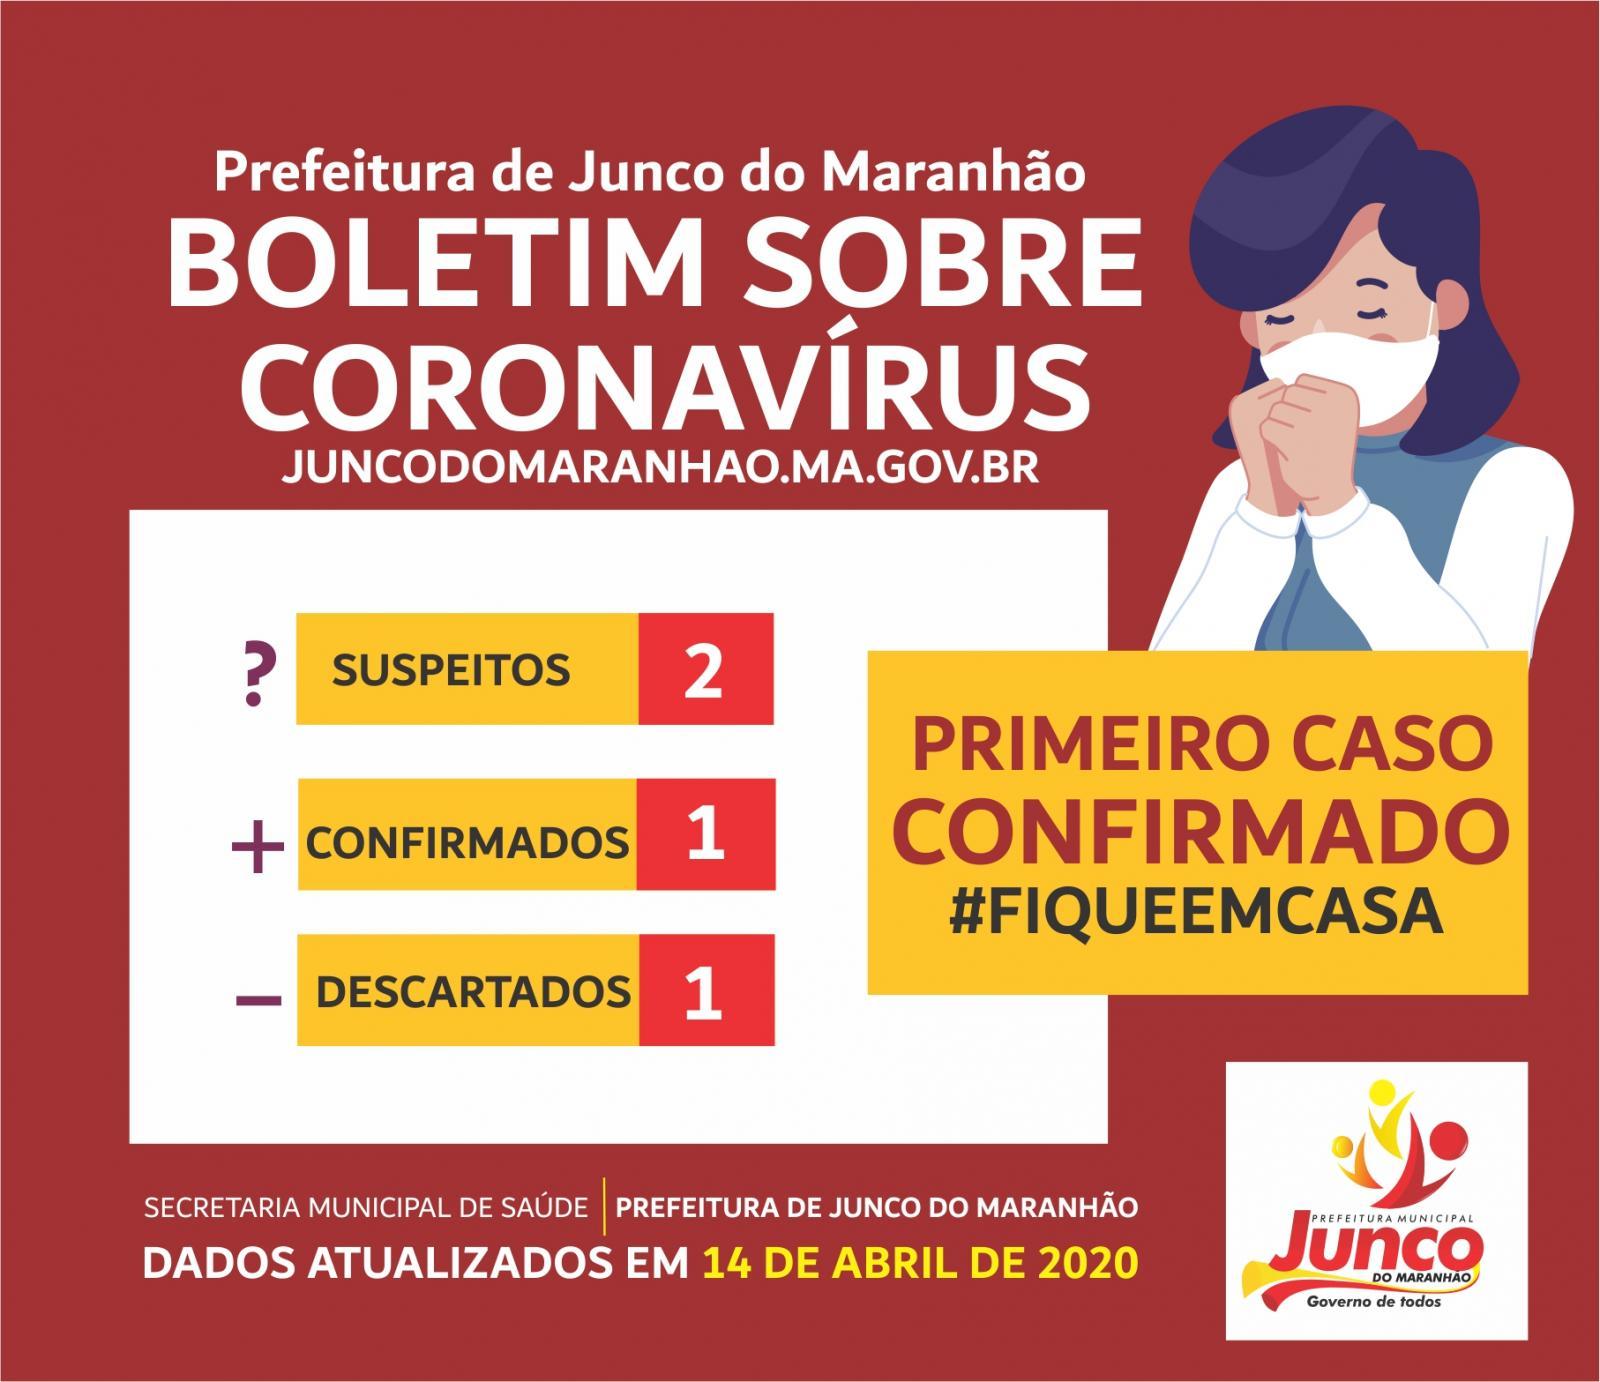 Primeiro caso confirmado no novo coronavírus em Junco do Maranhão